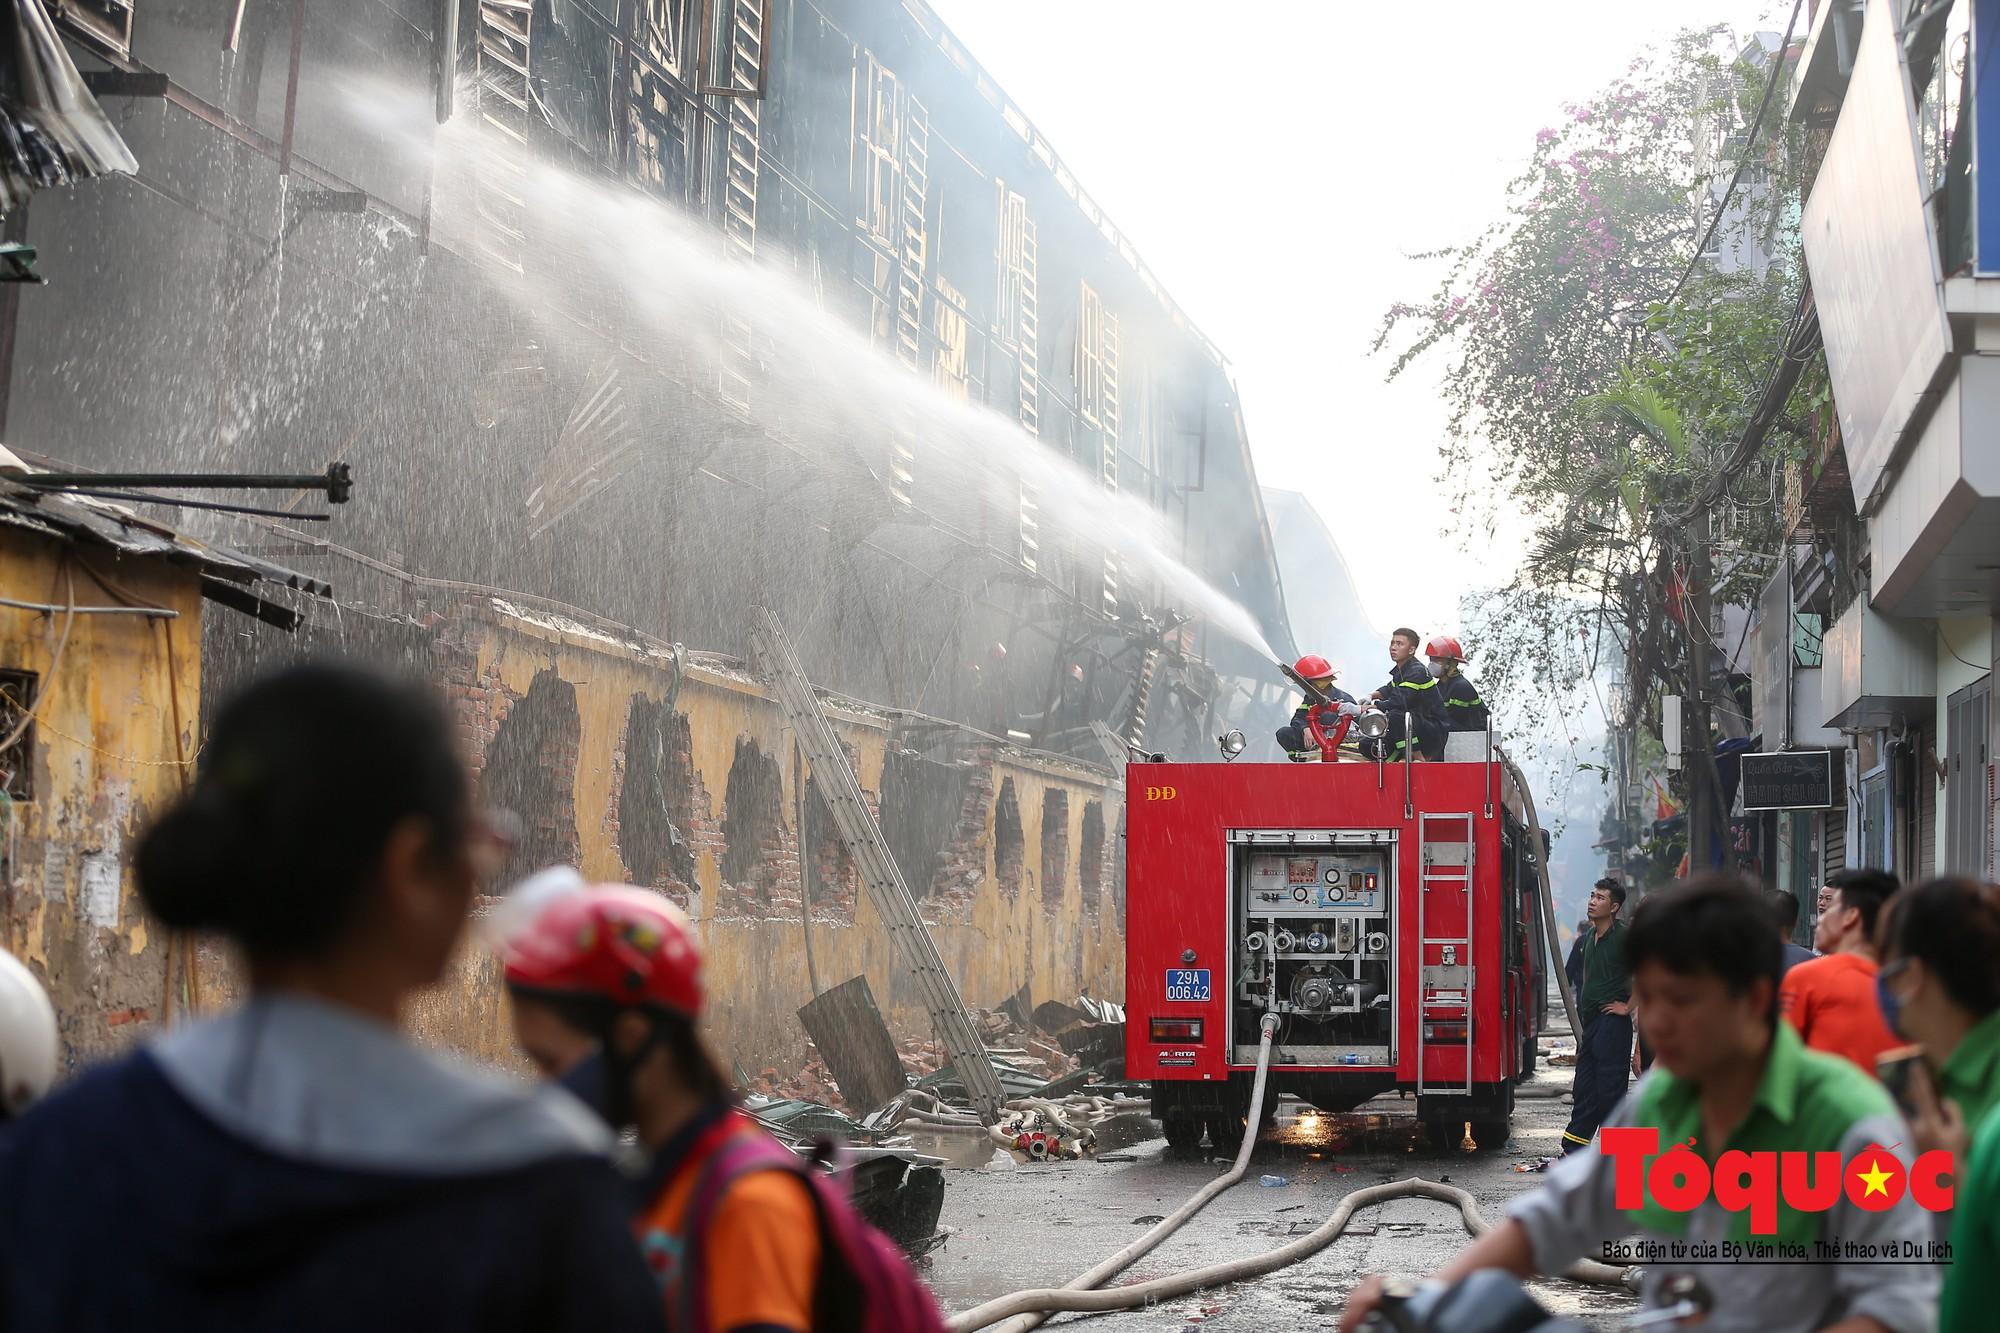 Hiện trường tan hoang vụ cháy Công ty bóng đèn phích nước Rạng Động, hàng trăm chiến sĩ PCCC xuyên đâm dập lửa30